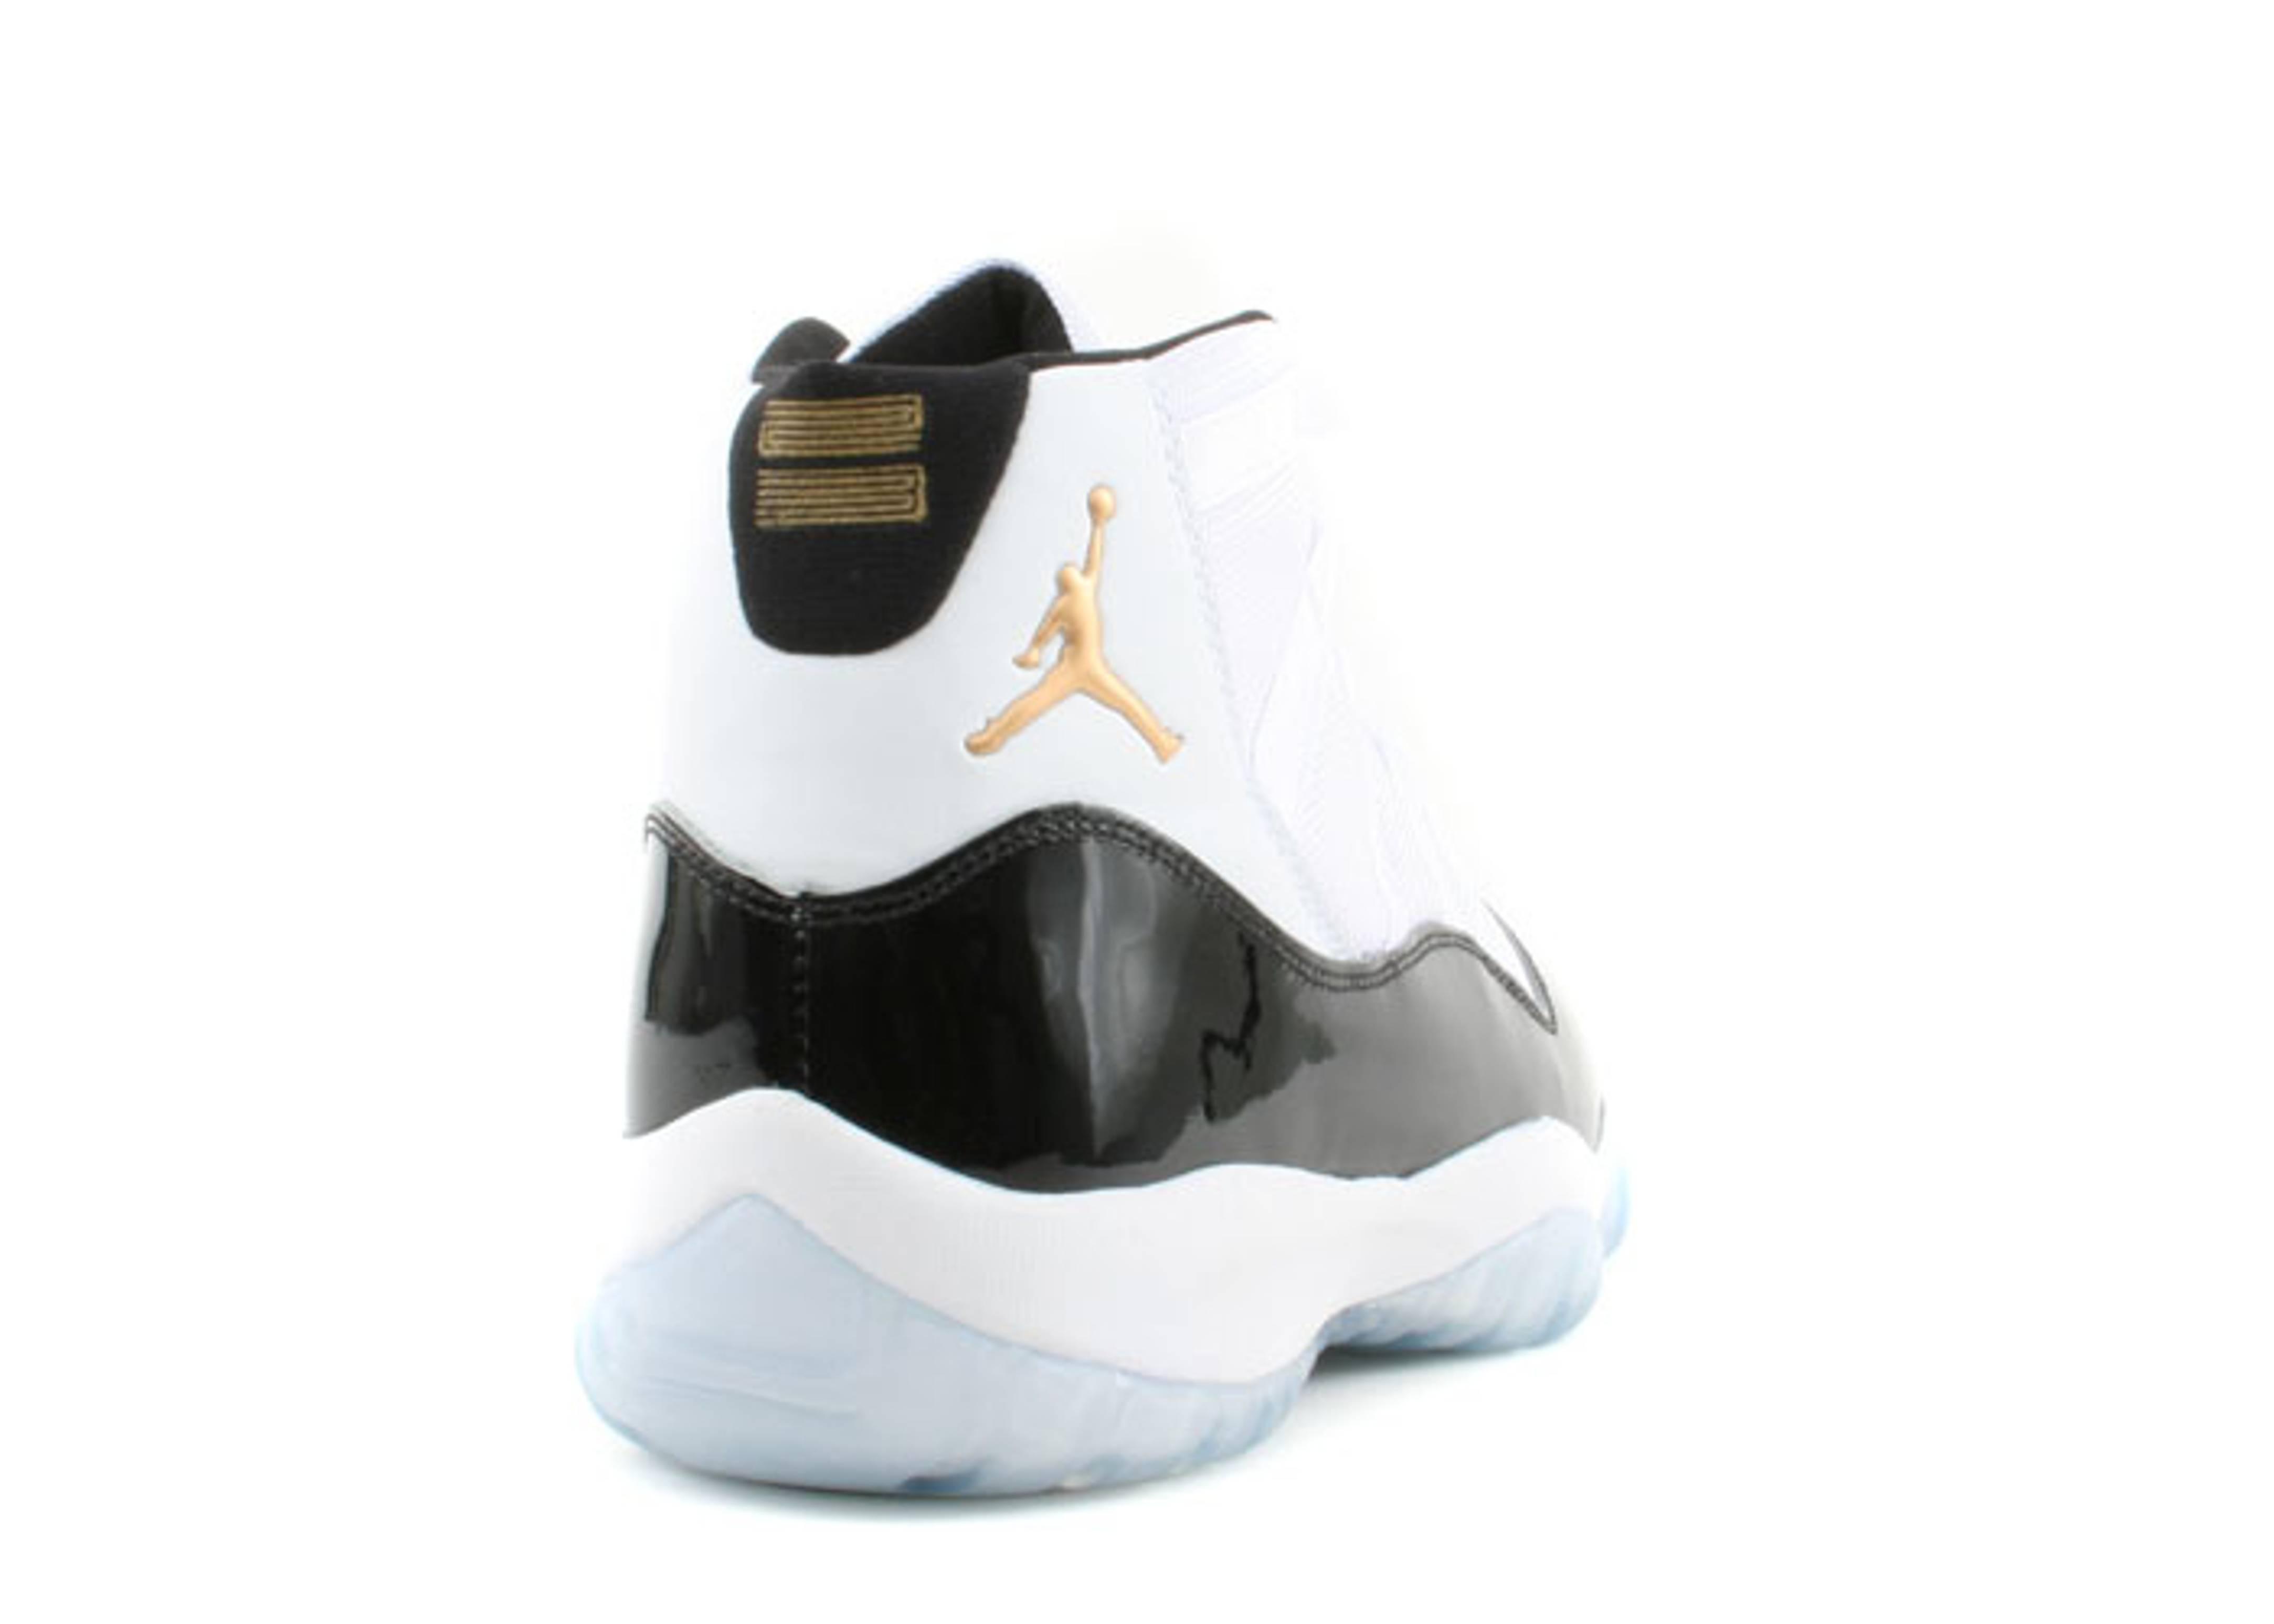 eb195b8c0eca13 Air Jordan 11 Retro+